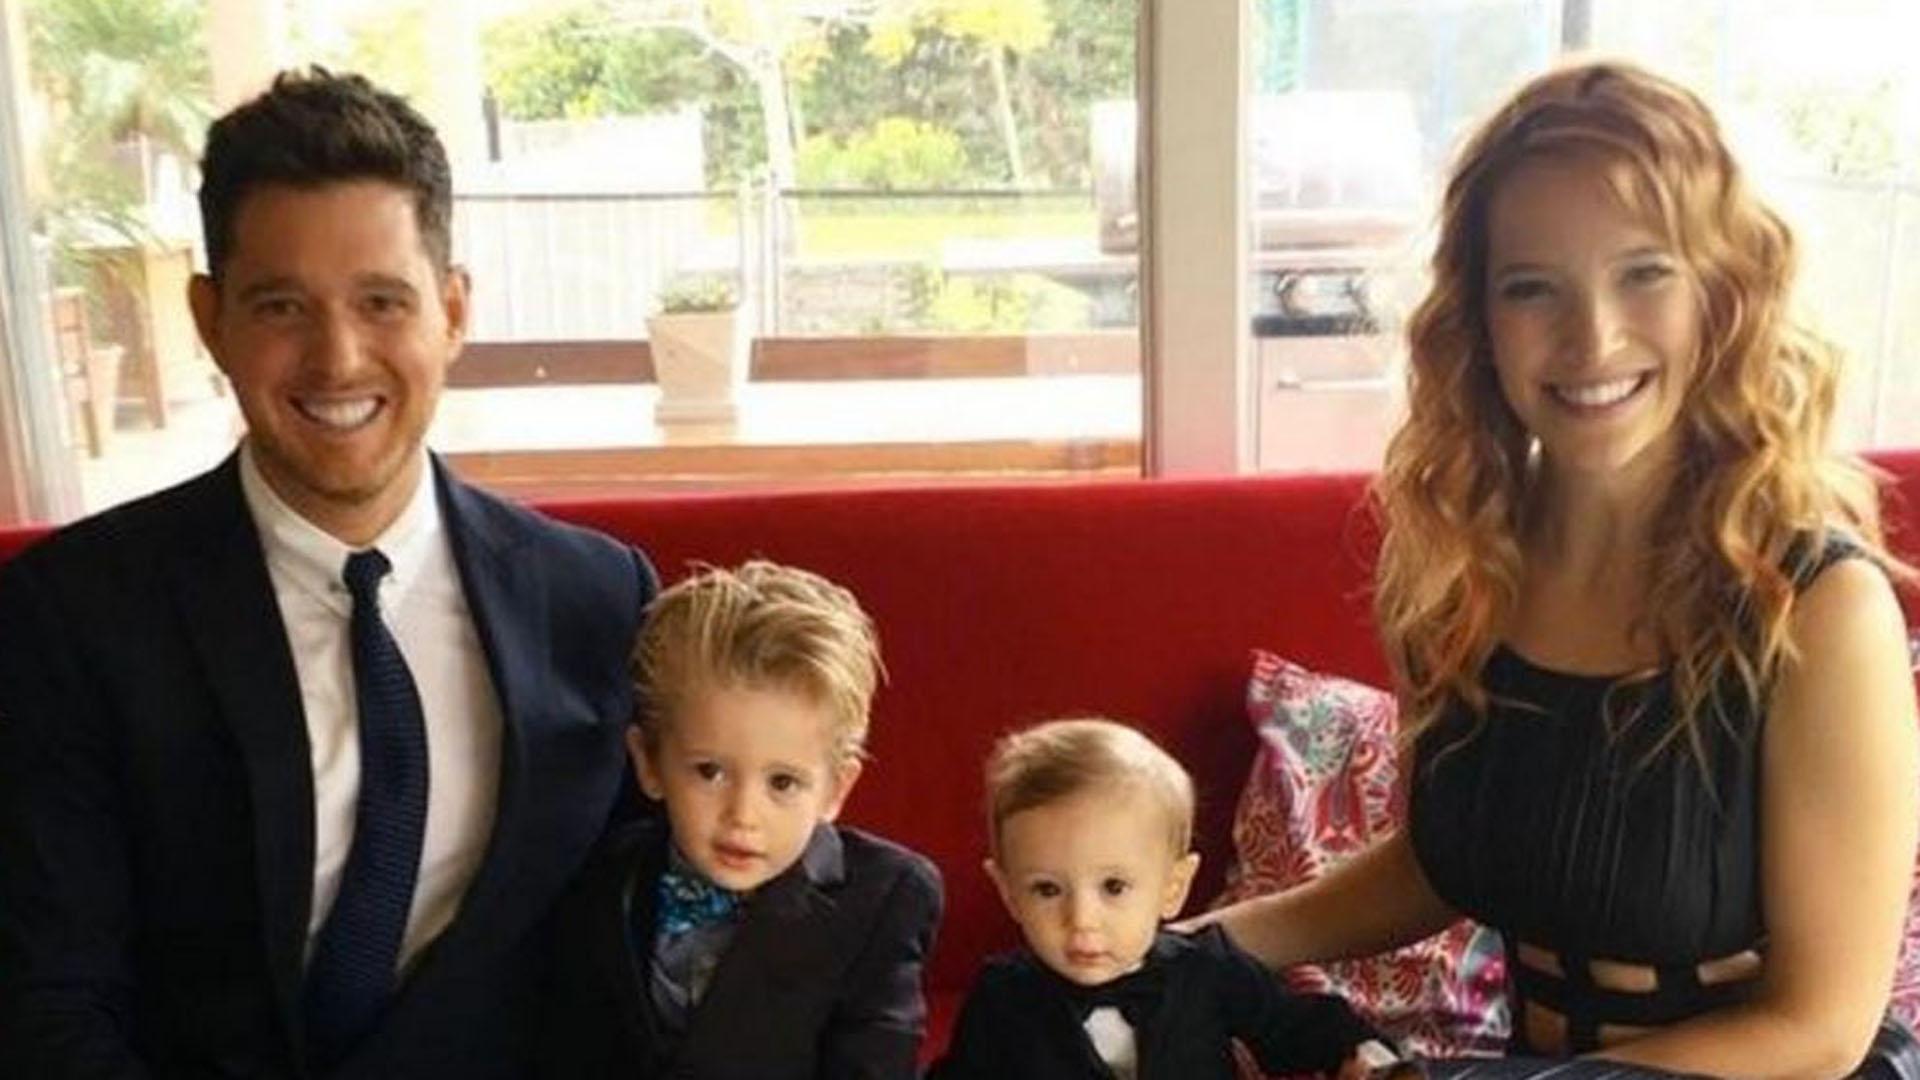 Michael Bublé con Luisana Lopilato y sus hijos Noah y Elías